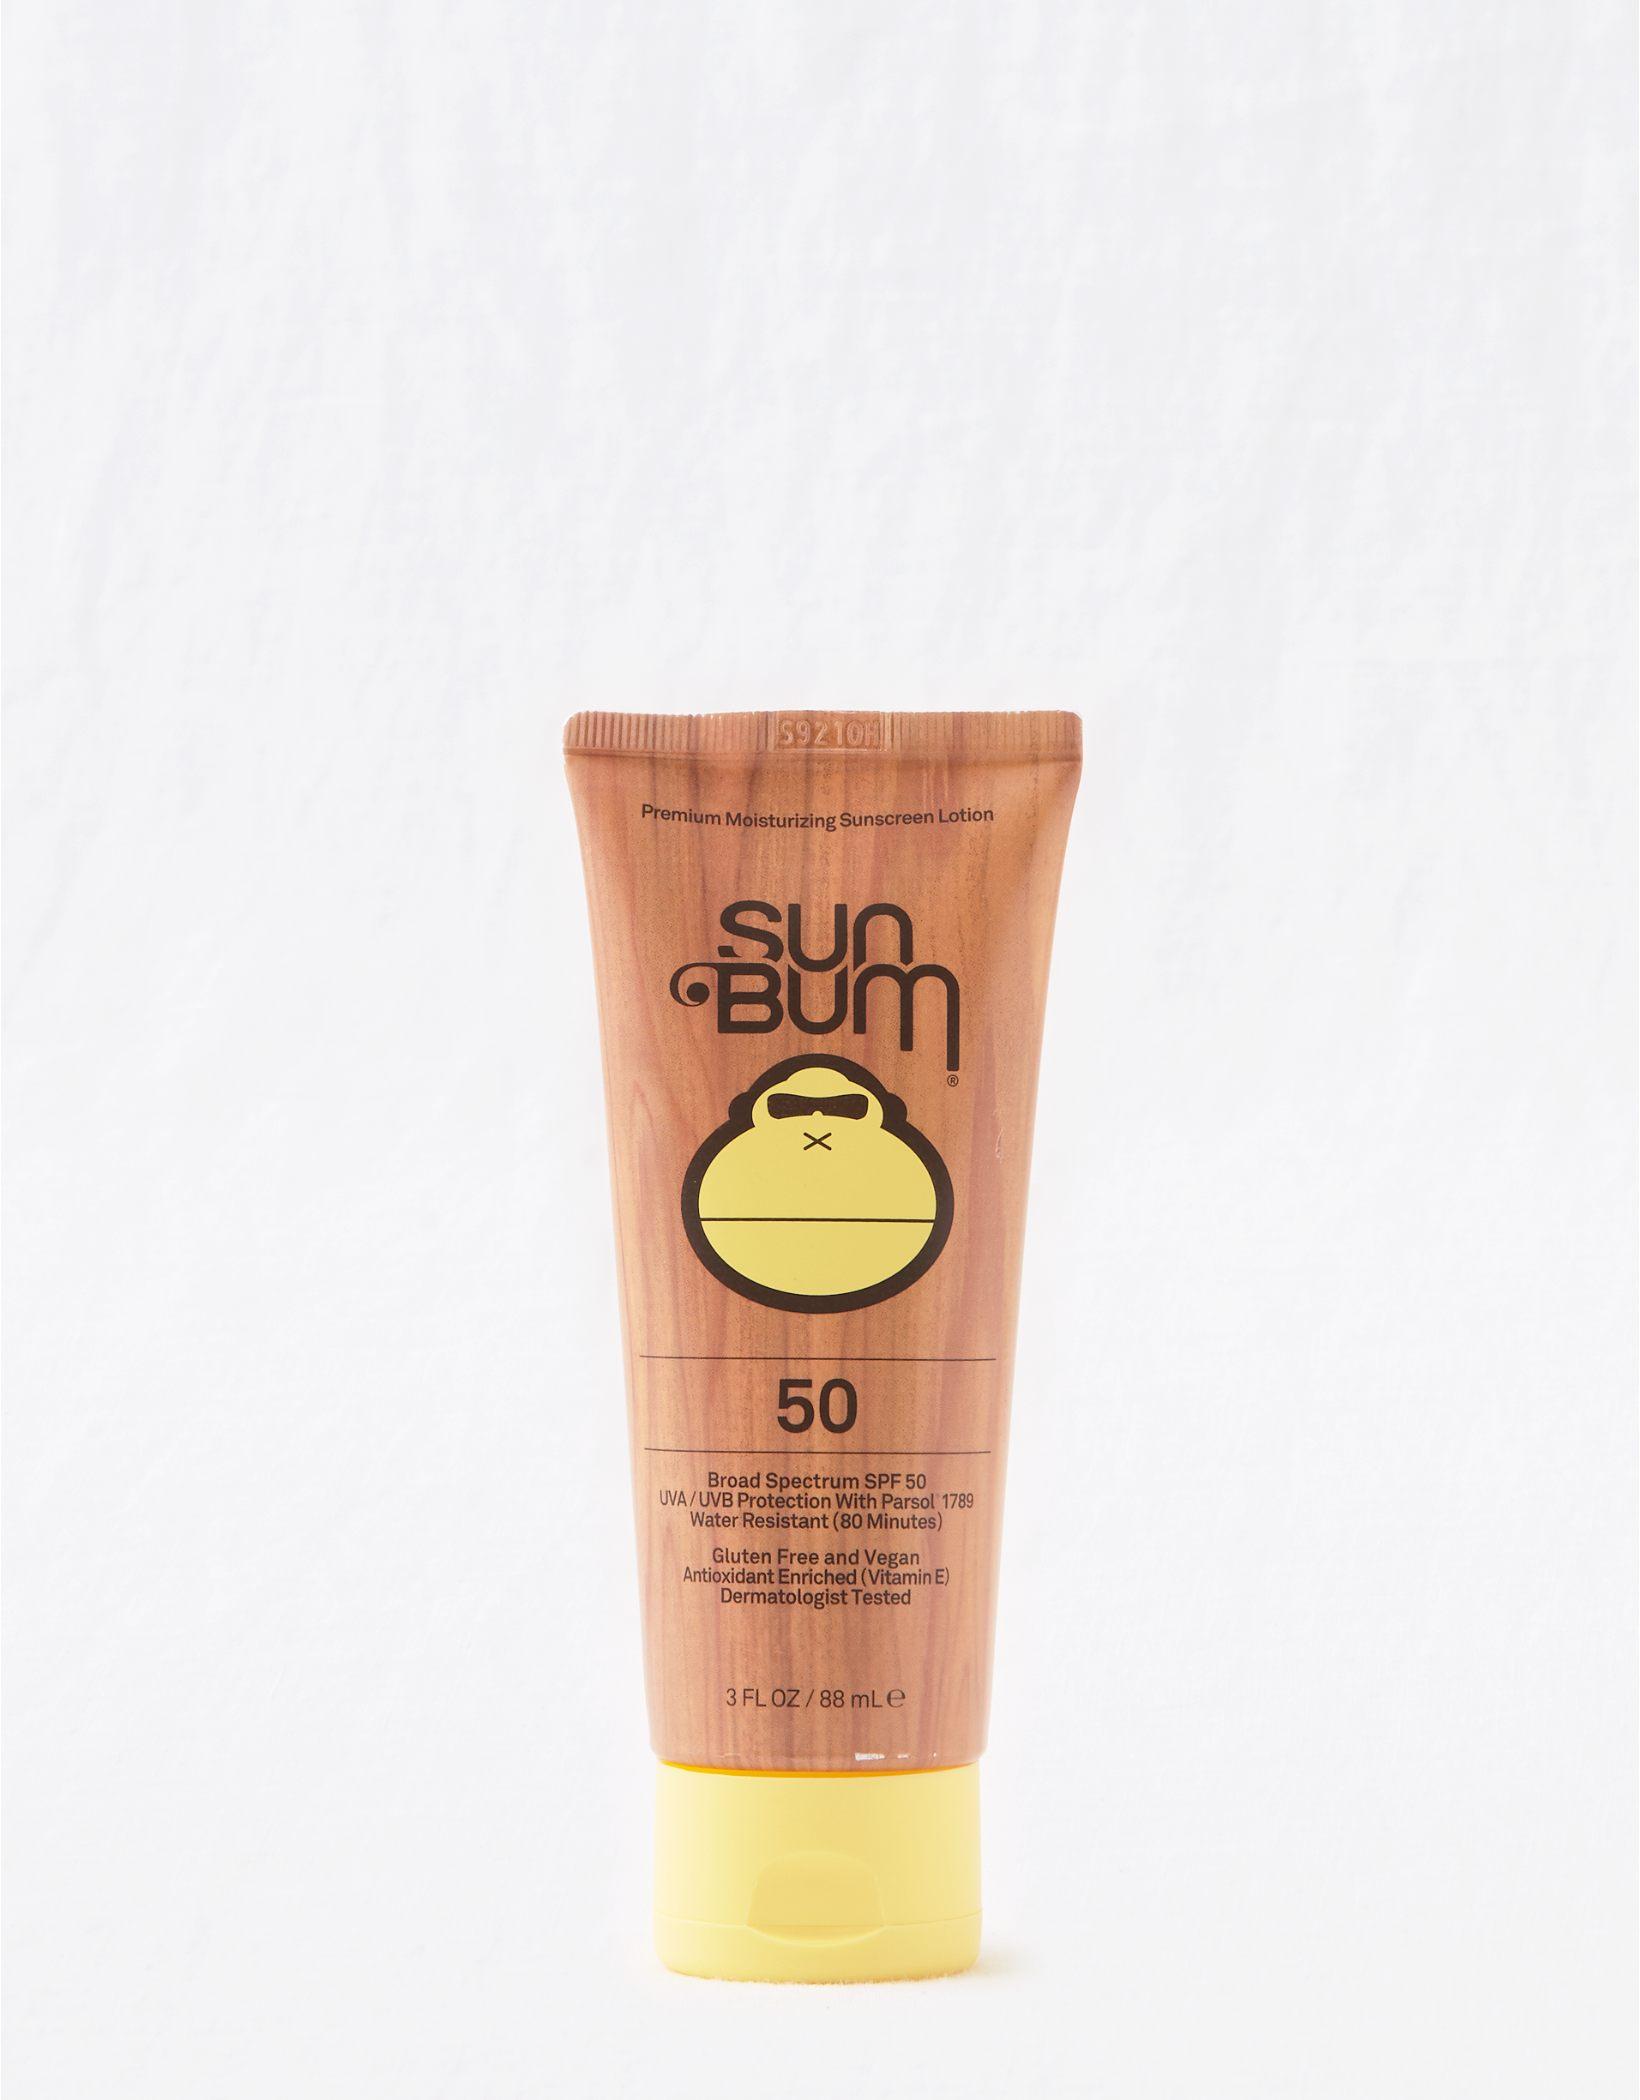 Sun Bum Original Sunscreen Shorties - SPF 50